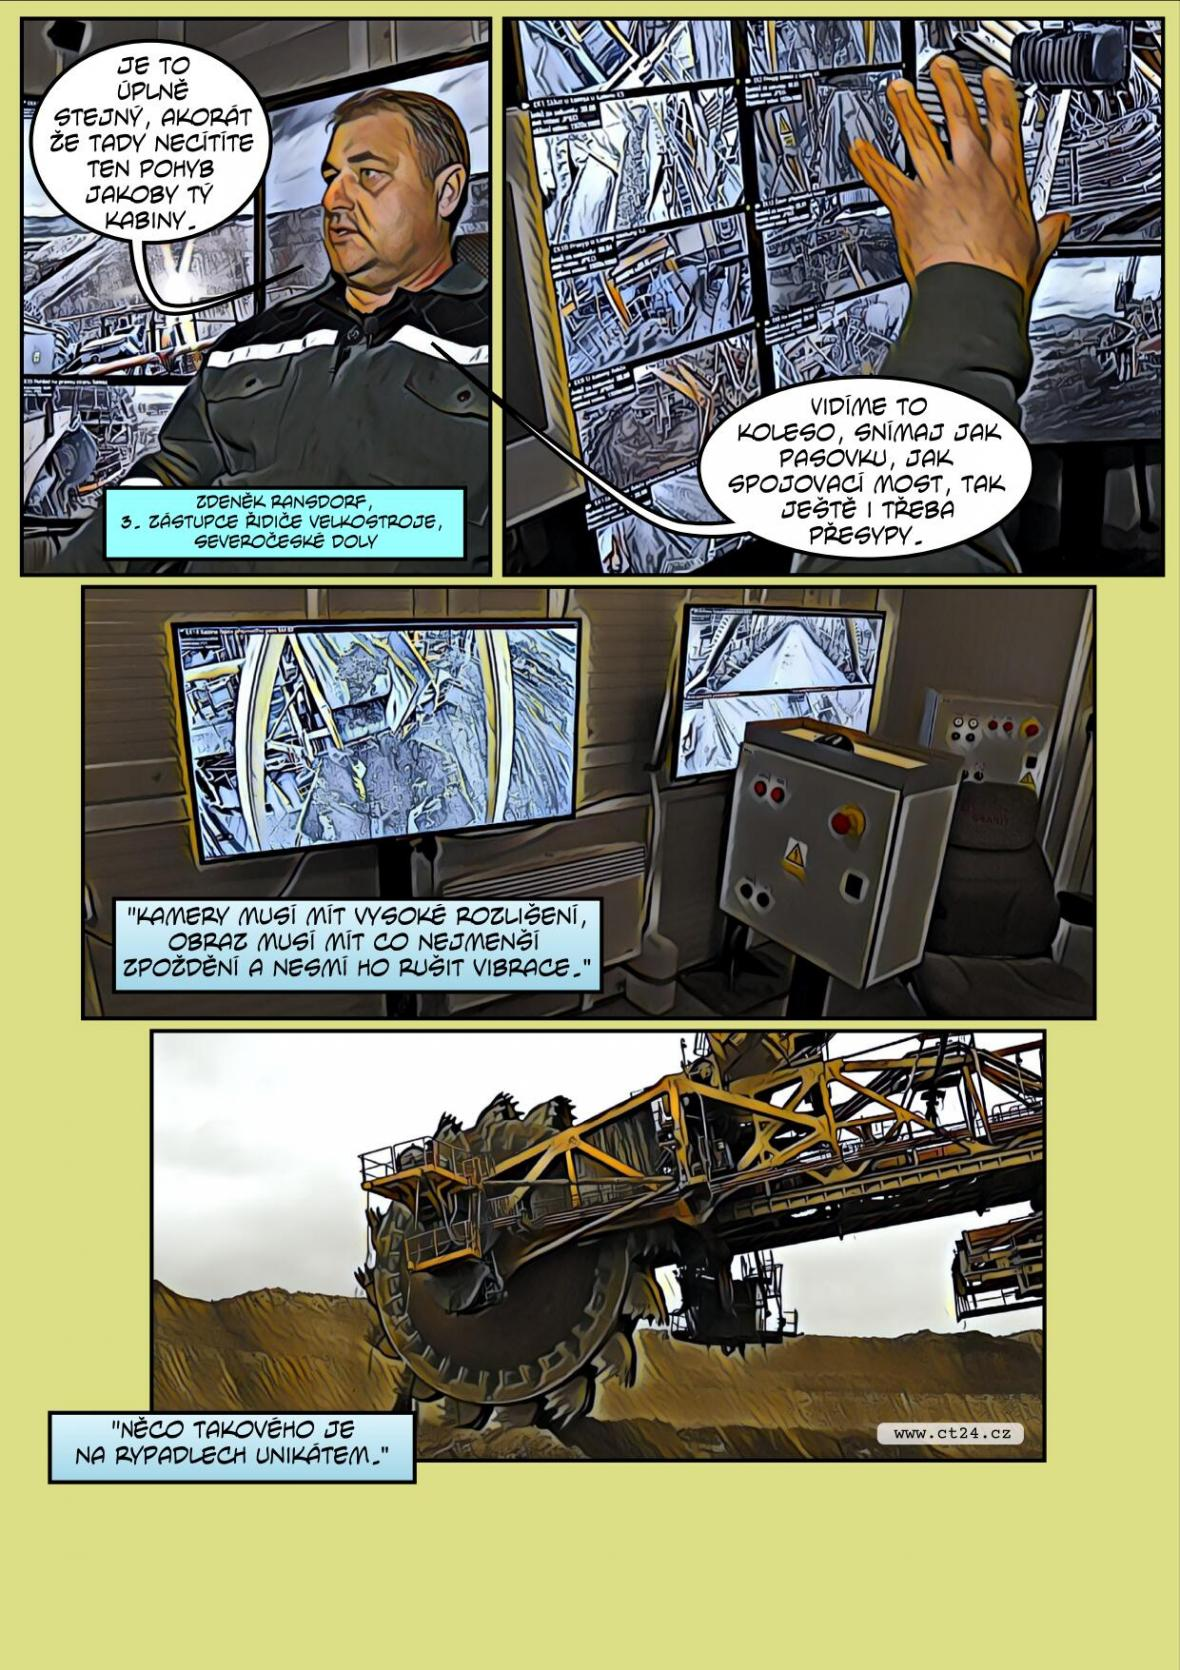 Komiks: Obří rypadlo je možné ovládat na dálku